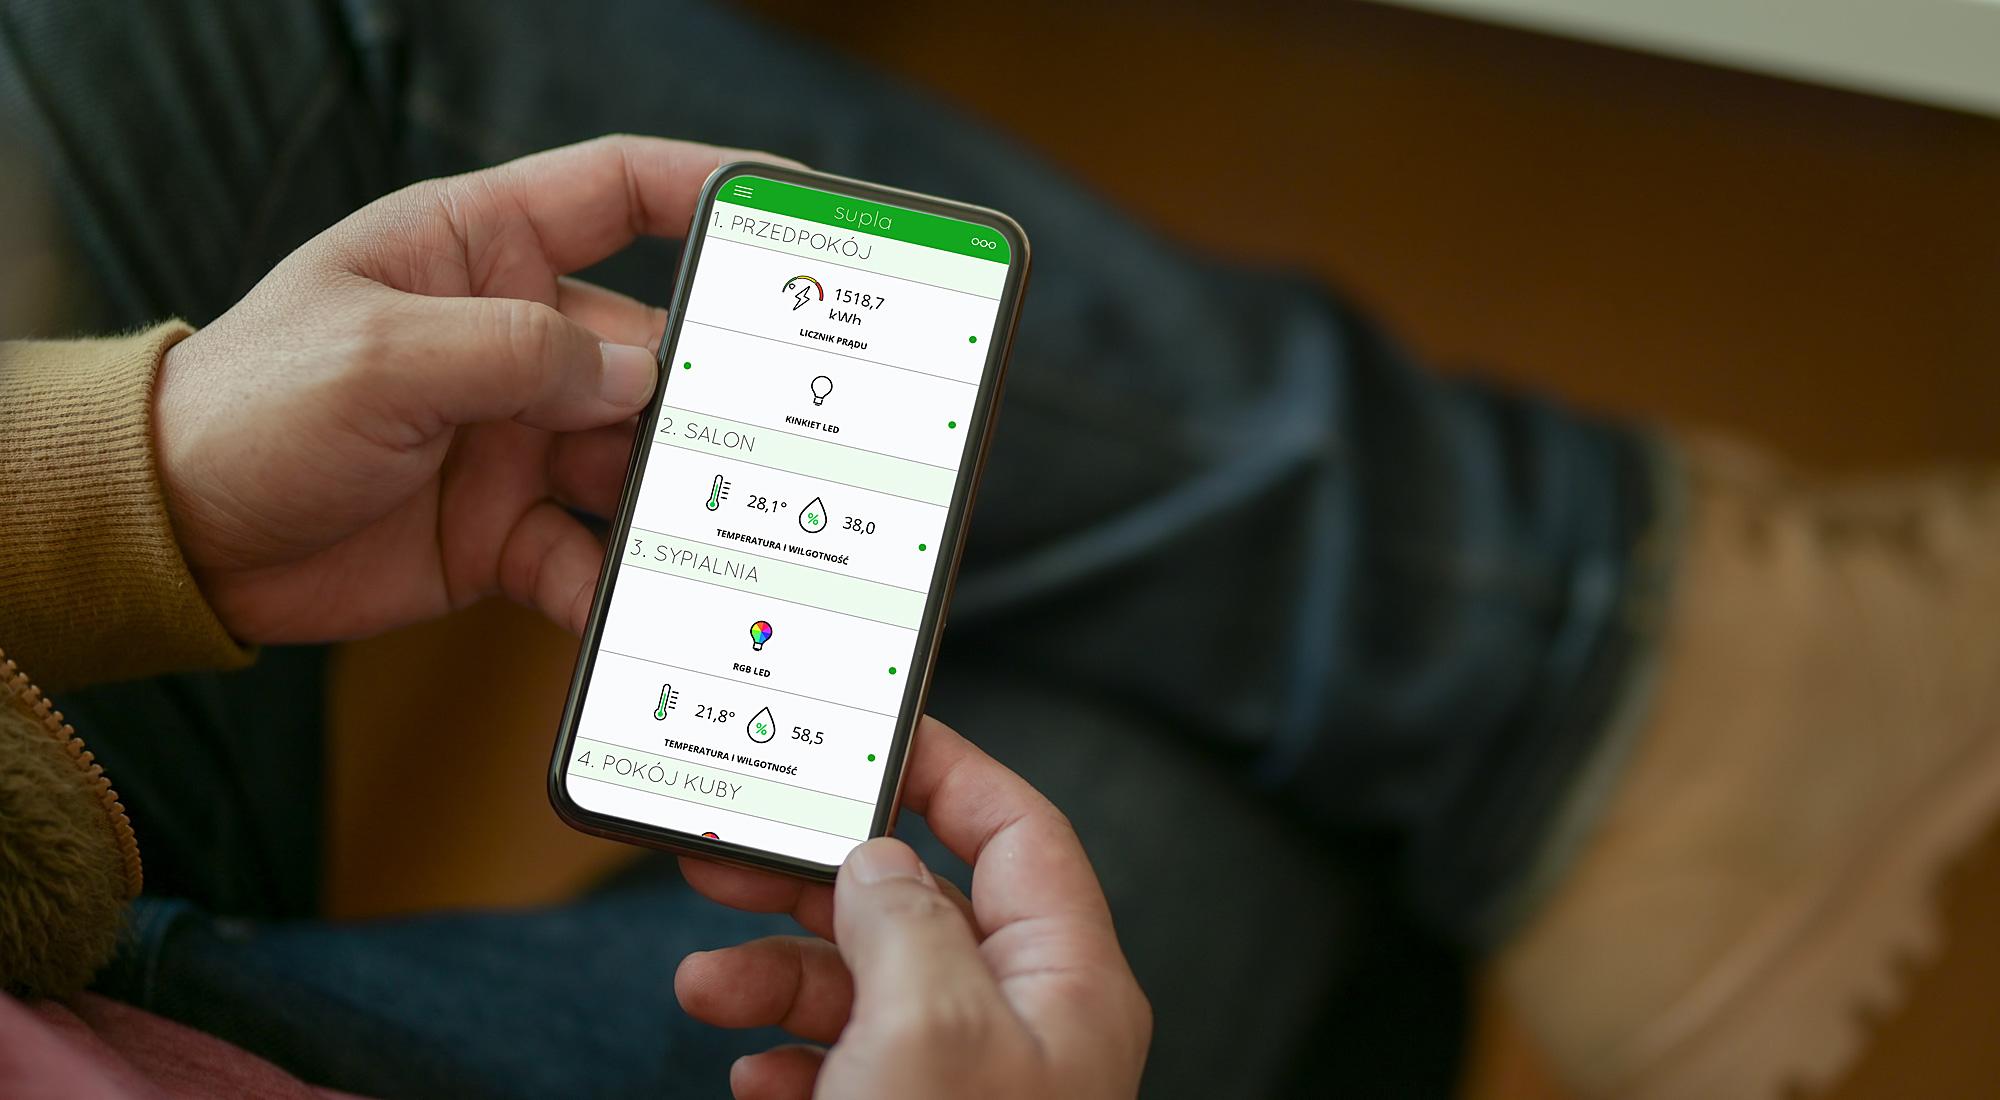 Czujniki temperatury i wilgotności Xiaomi Mijia LYWSD03MMC w Supli